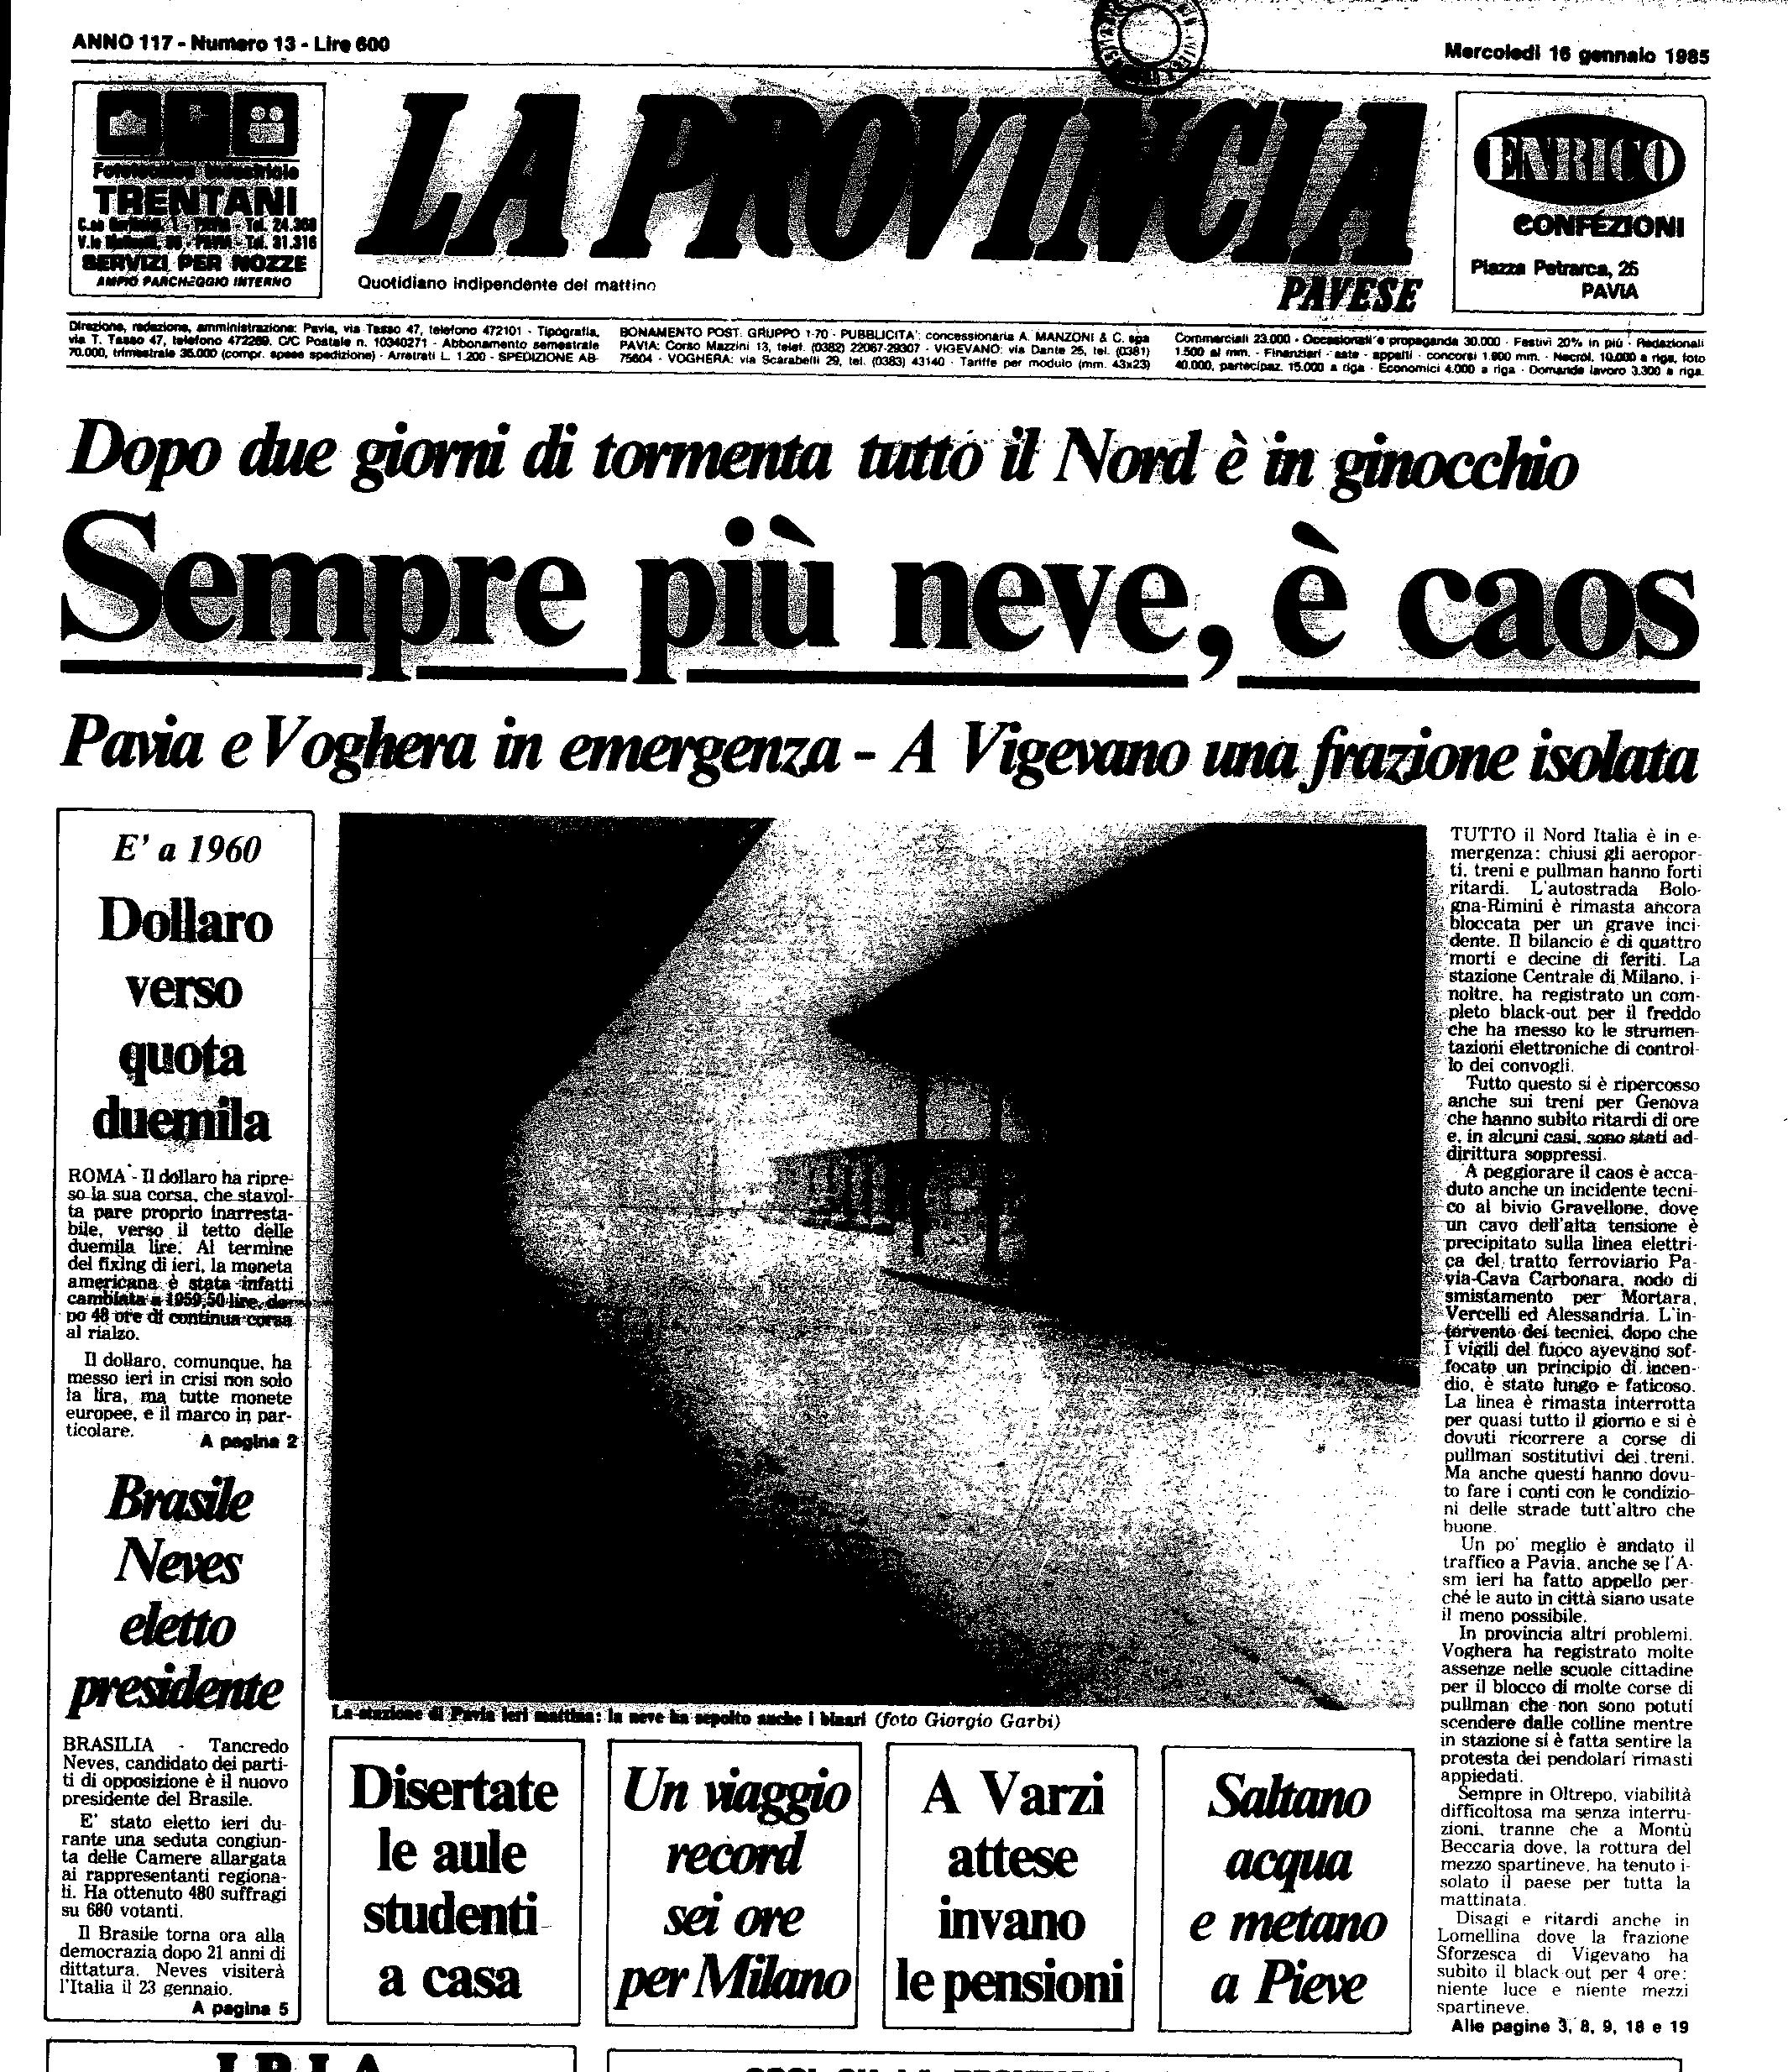 16 gennaio 1985